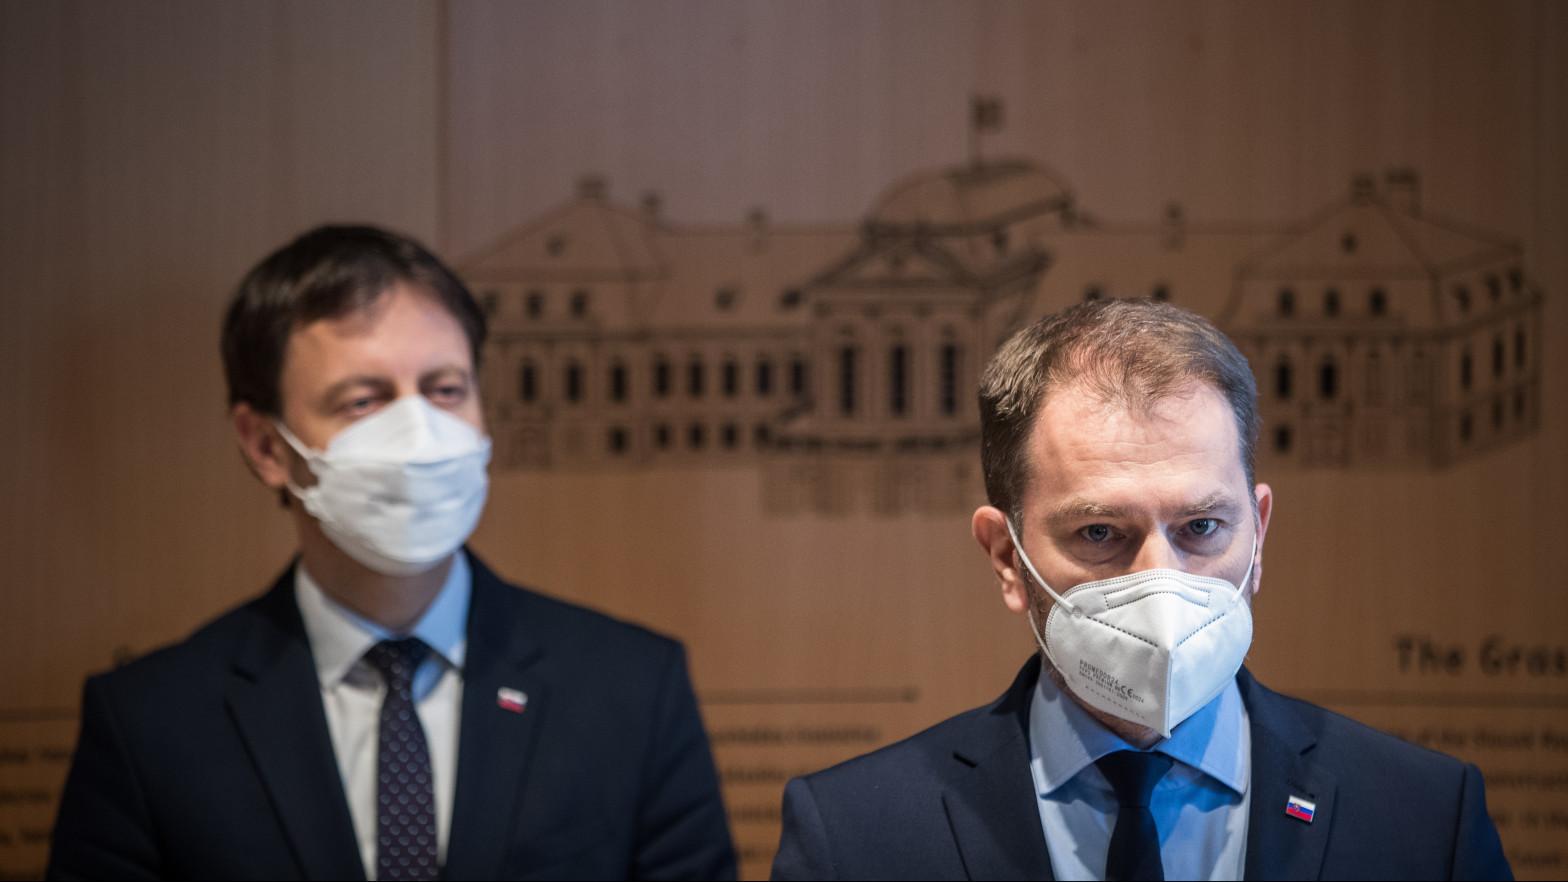 Dimite el primer ministro eslovaco por decidir la compra de la vacuna rusa sin contar con sus socios